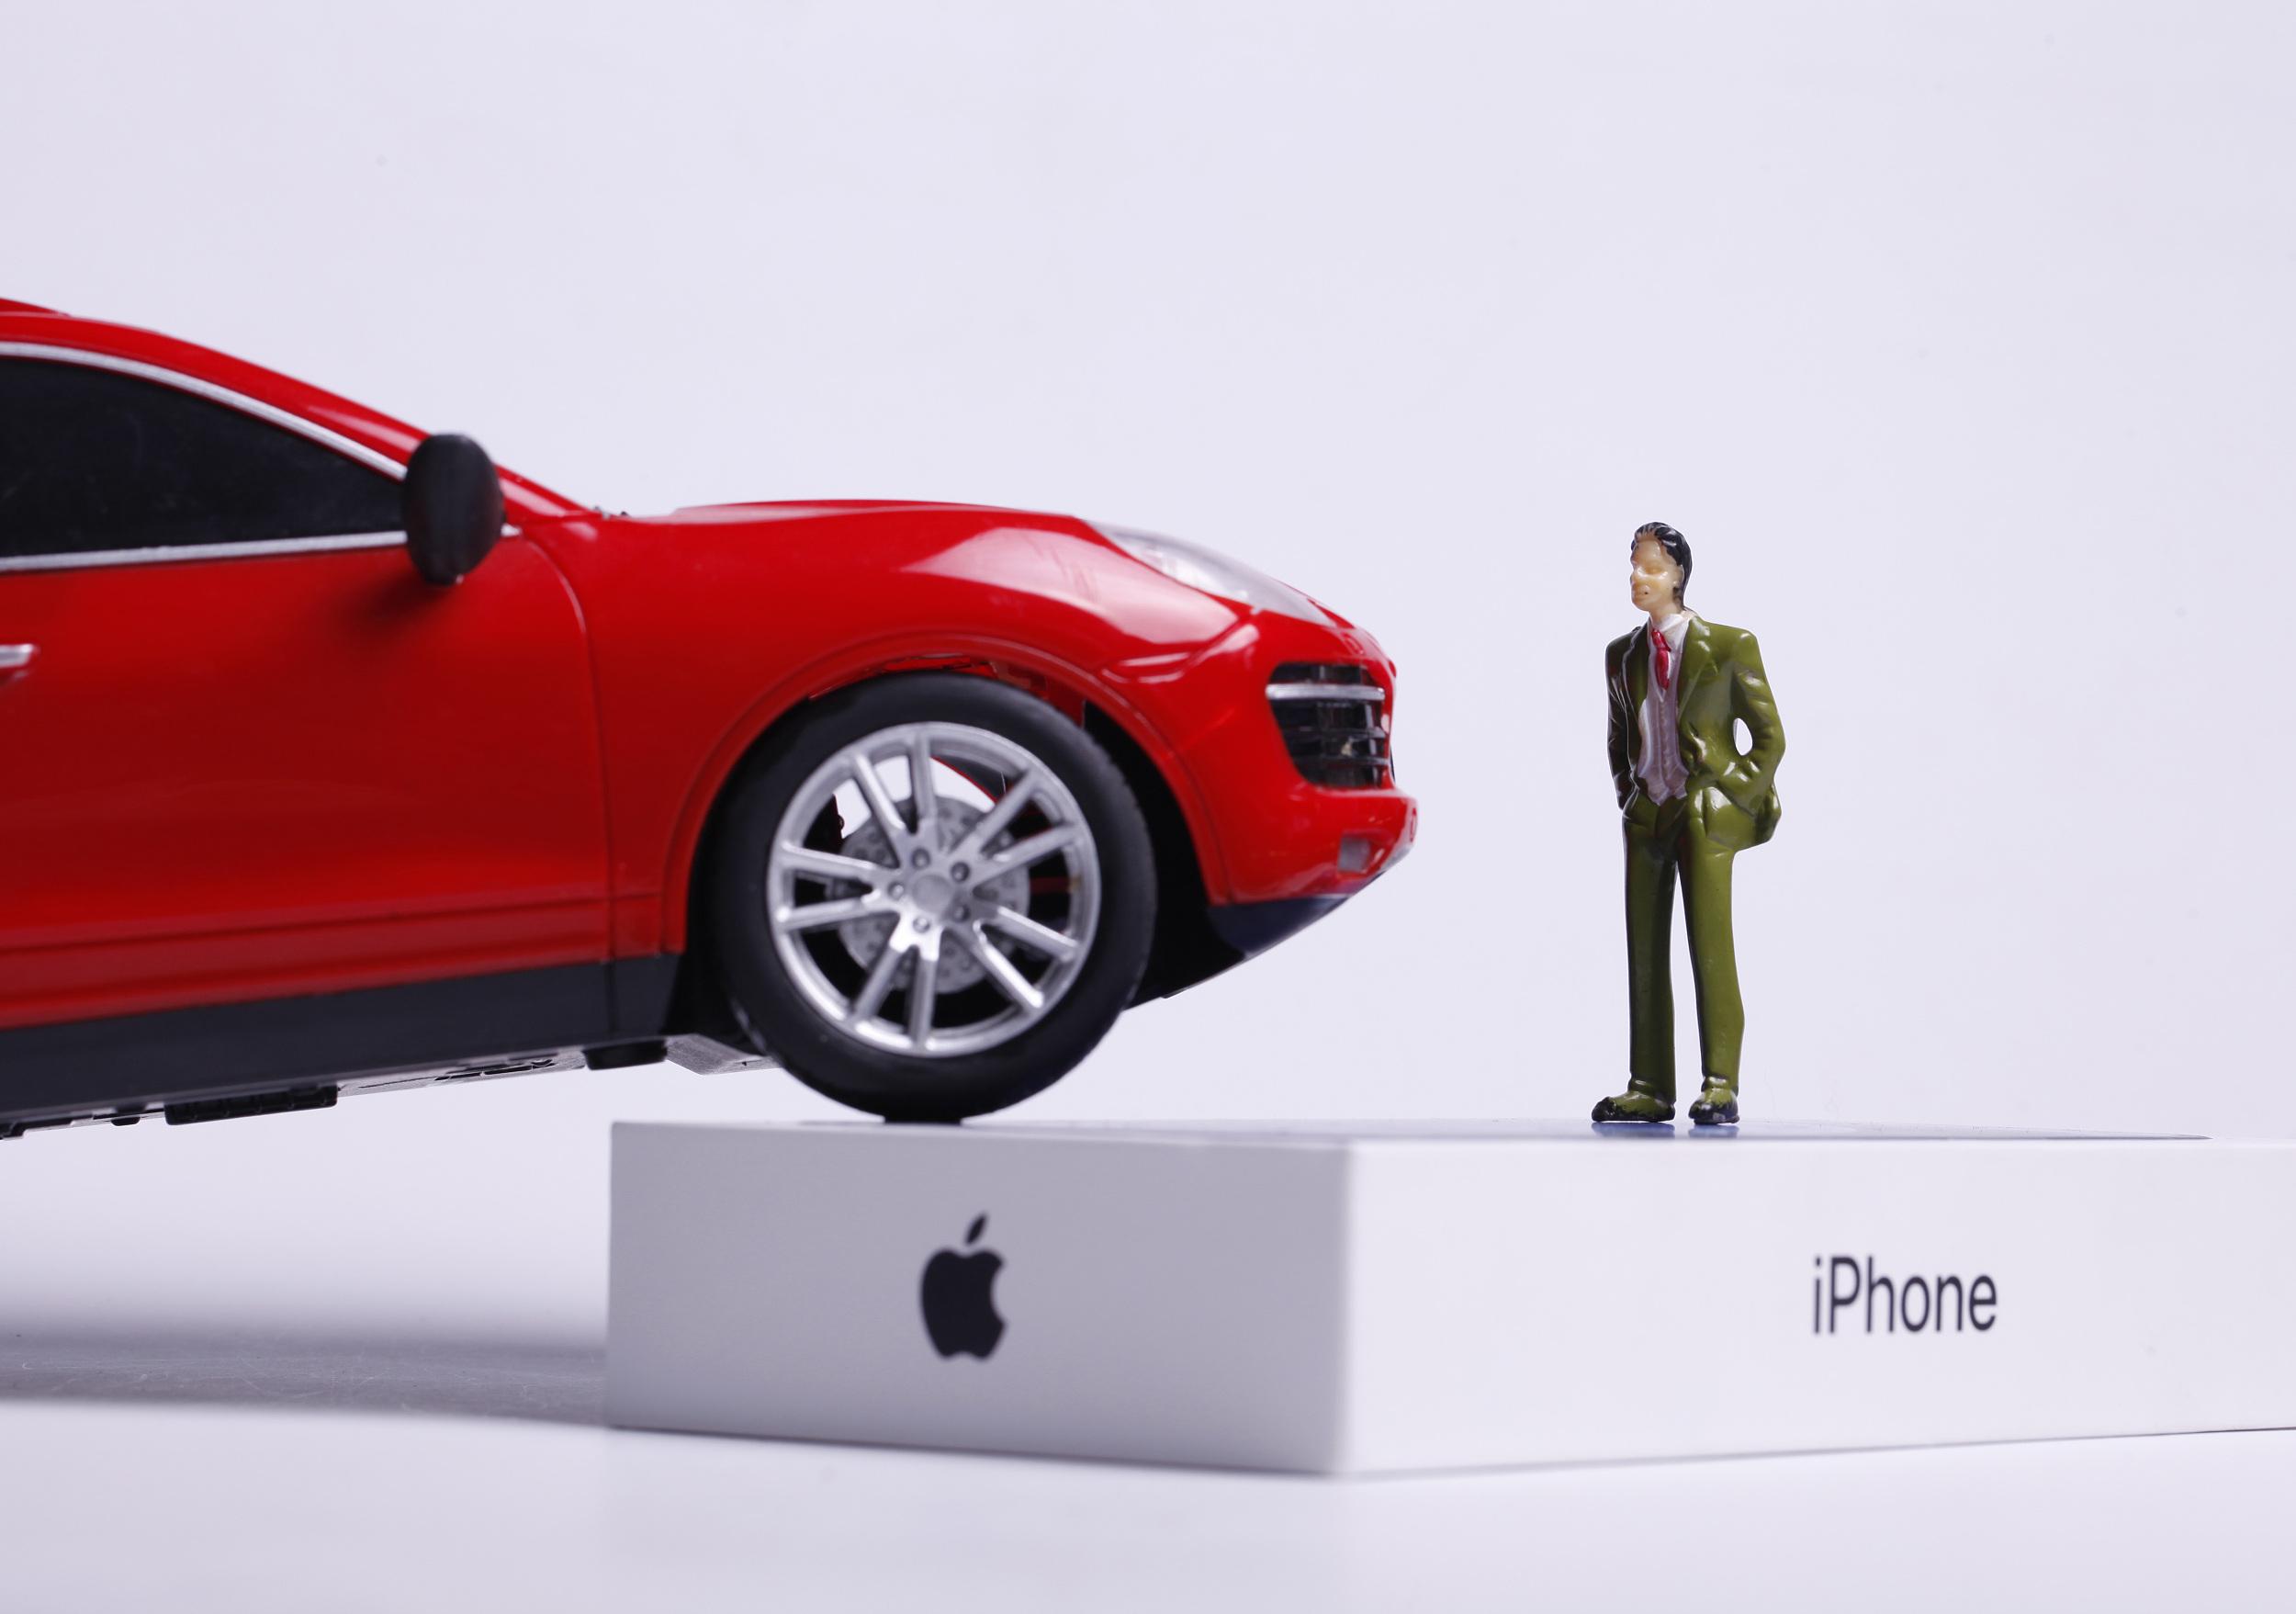 与宁德时代、比亚迪谈判陷入停滞,苹果造车之路充满荆棘